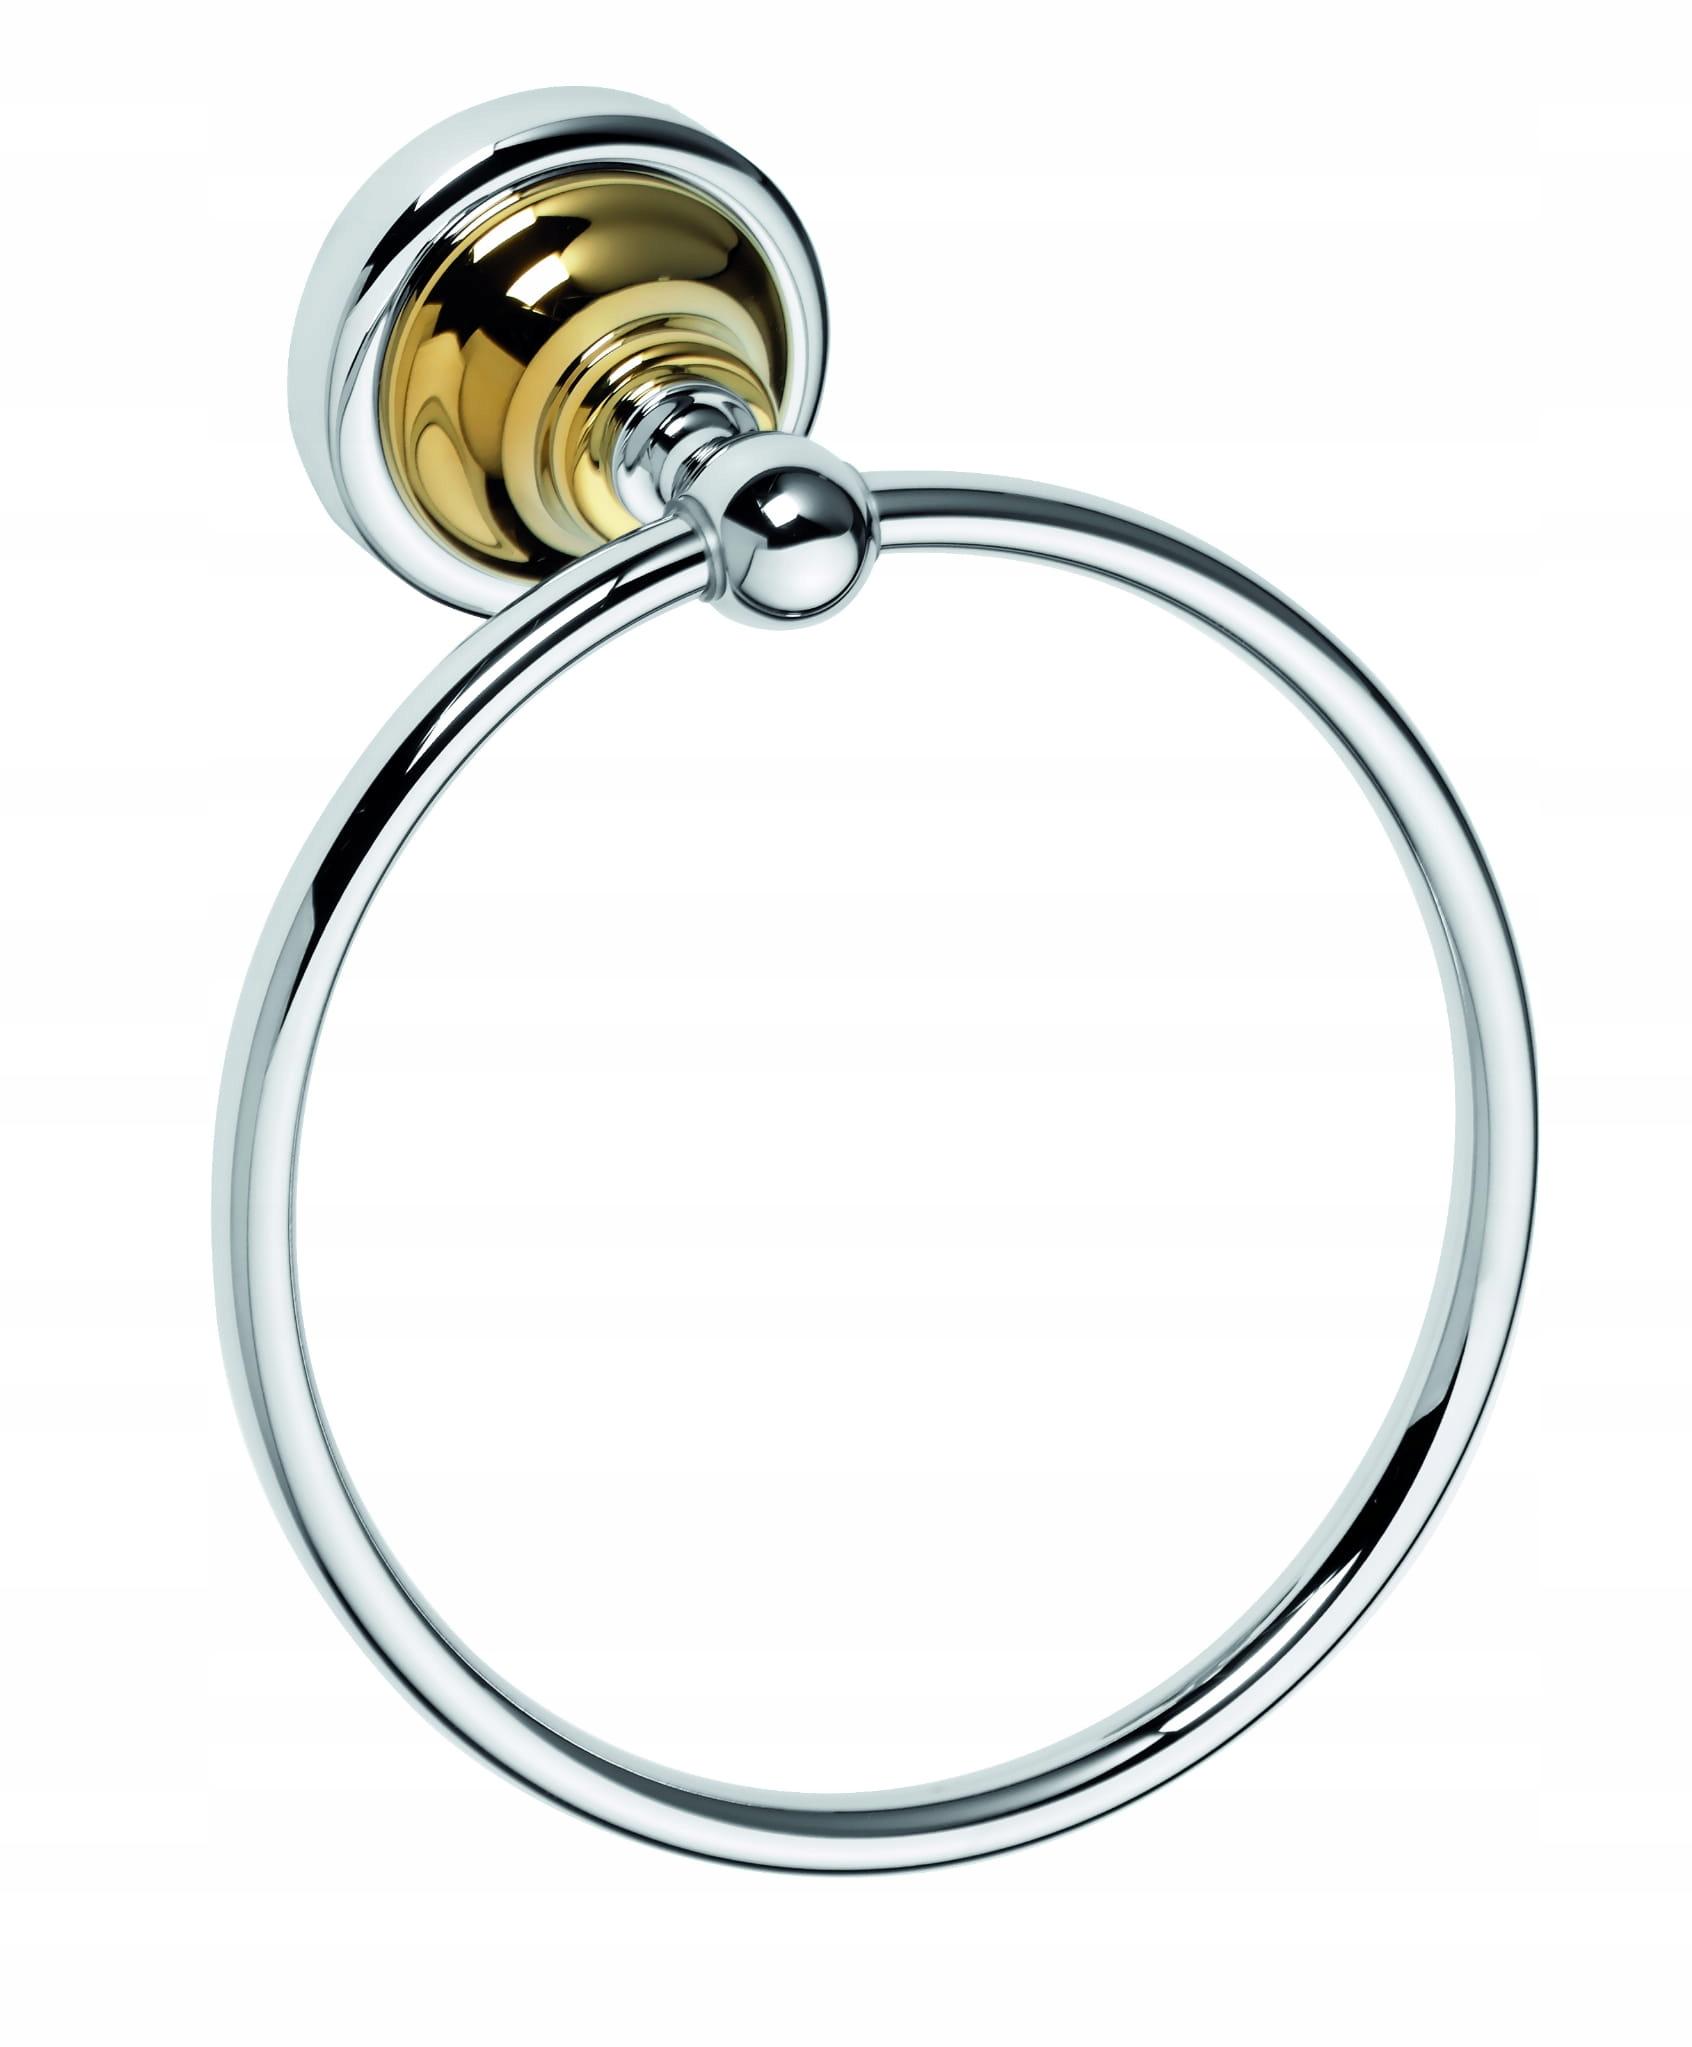 BEMETA 144204068 RETRO zlatý / chróm Vešiak na prstene